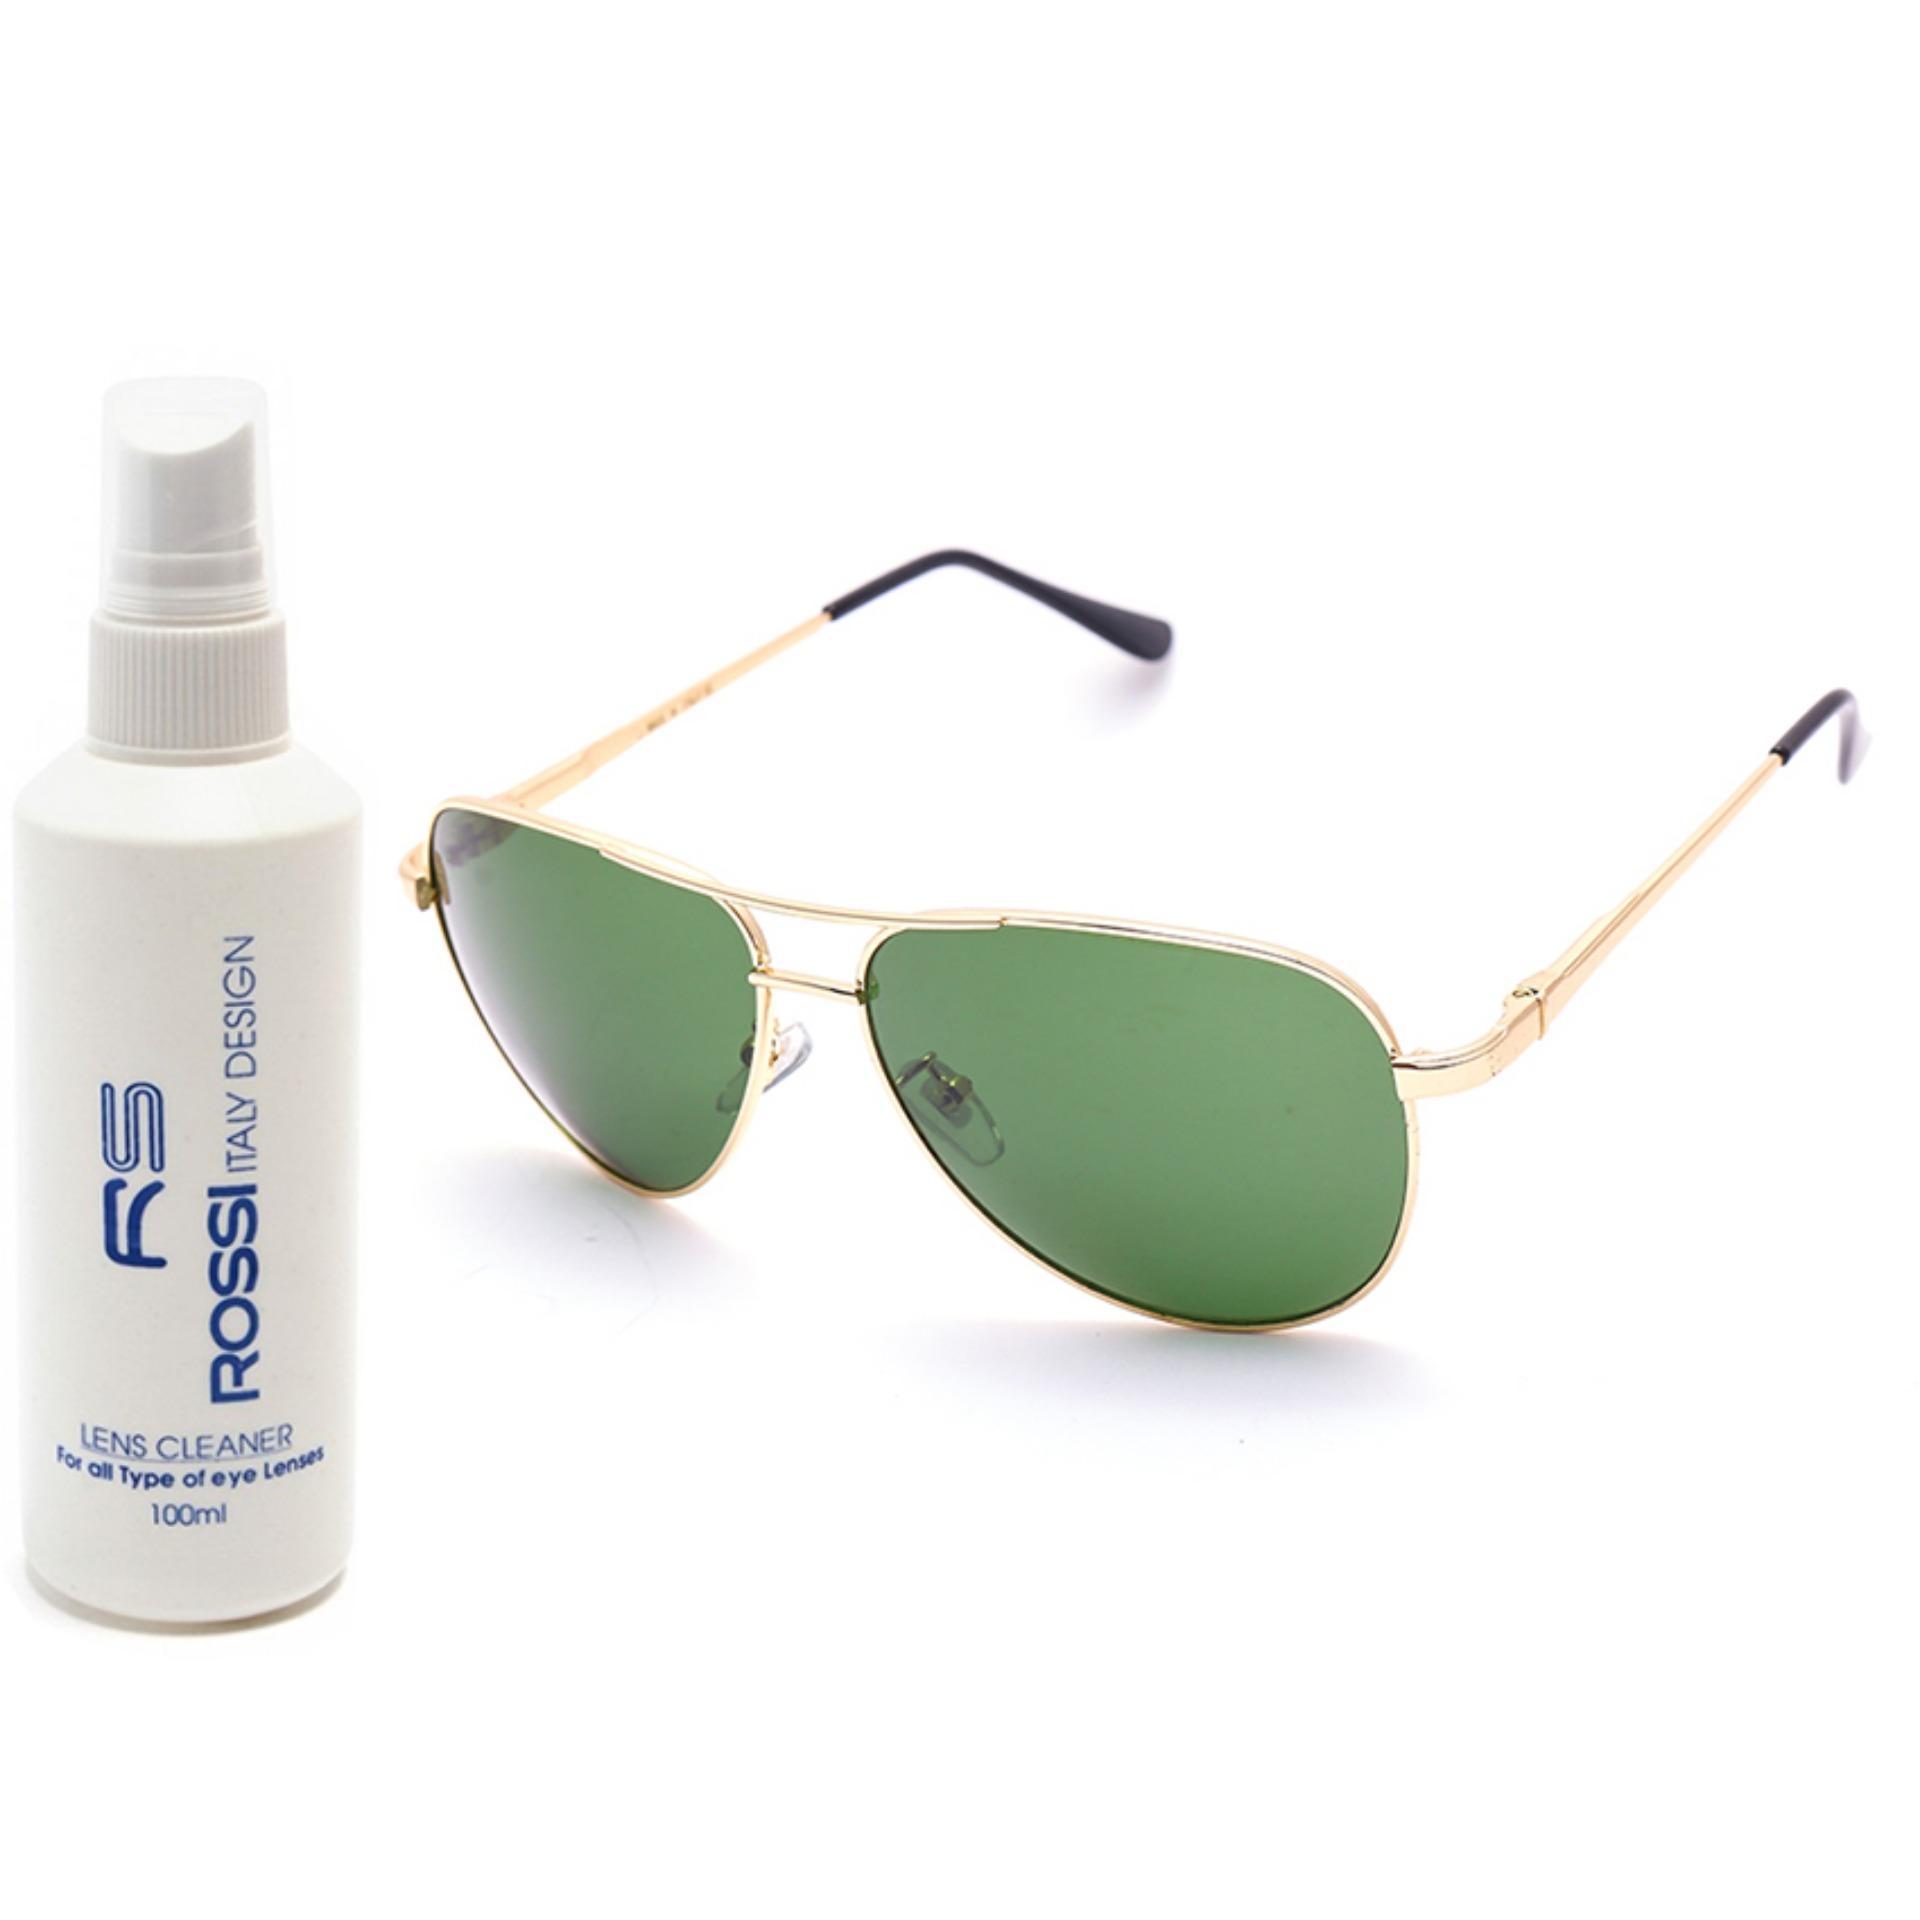 Bộ 1 kính mát nam và 1 chai nước rửa kính RB3510 (Vàng kính xanh)